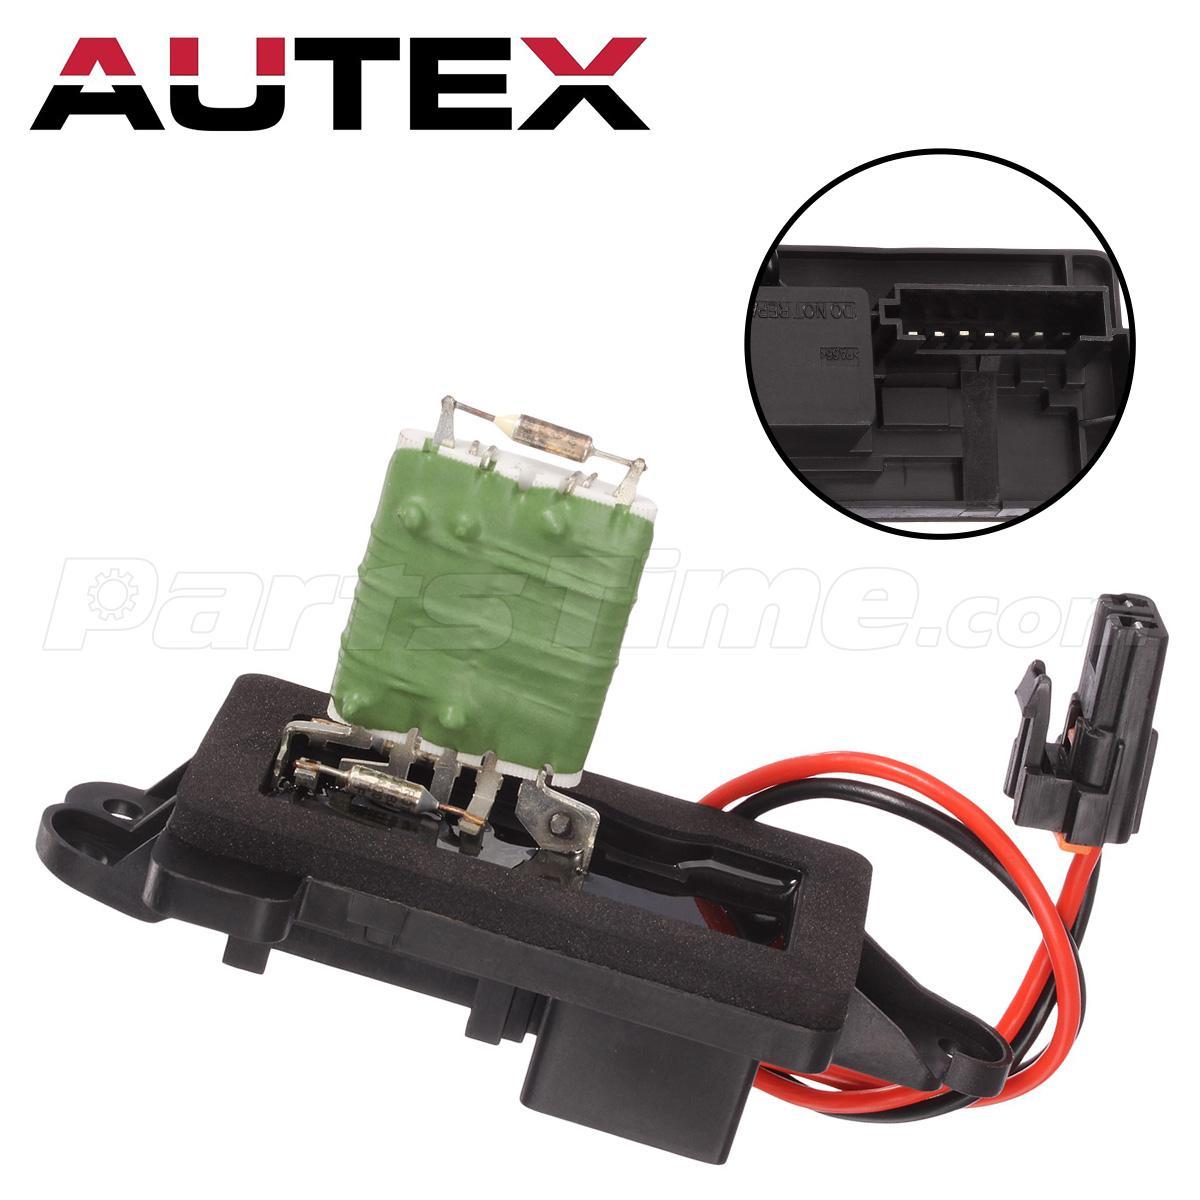 2003 chevy silverado blower motor resistor autozone 28 for Autozone blower motor resistor